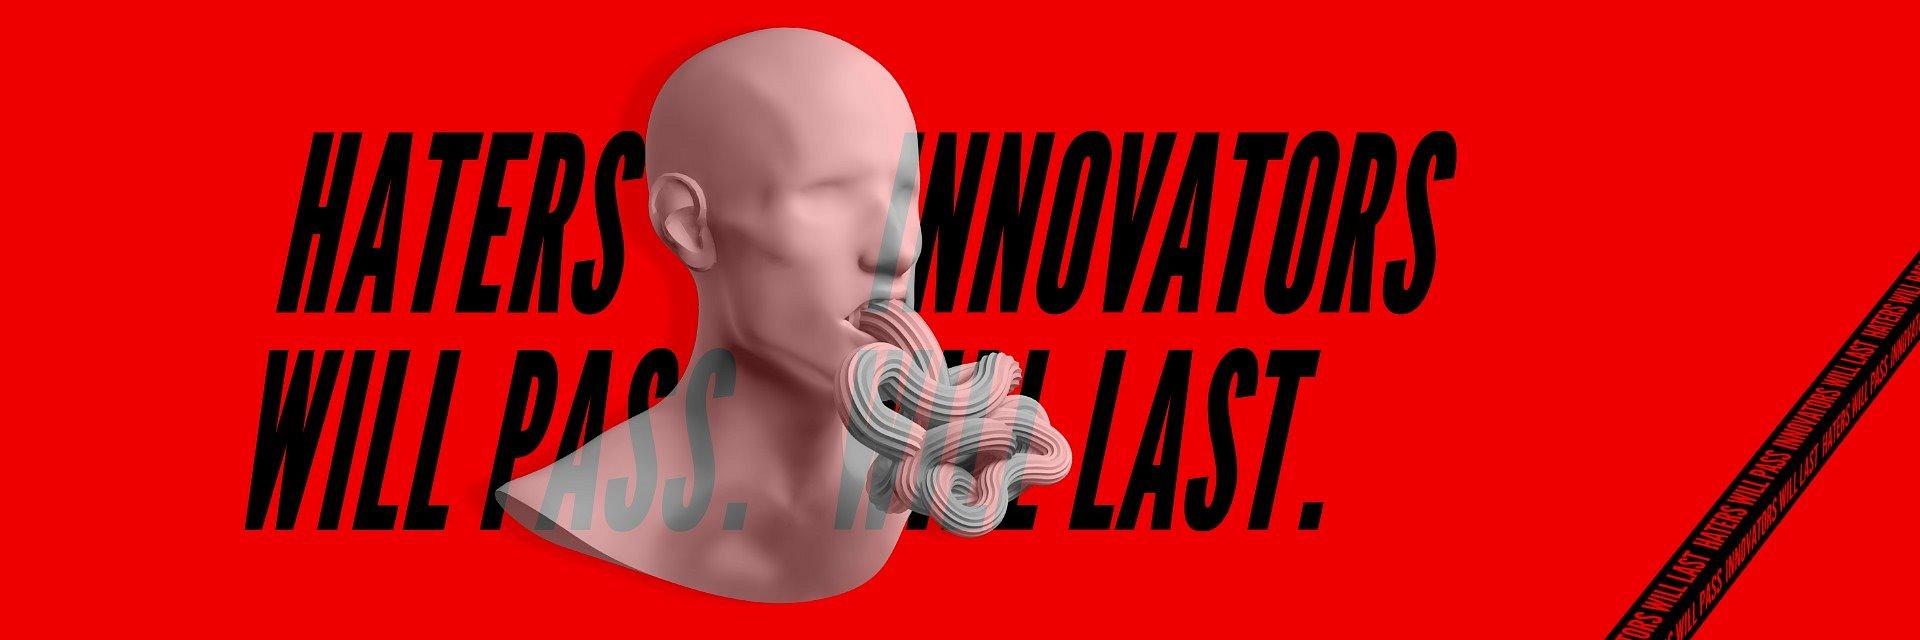 Nie daj się hejterom! Pokaż się w konkursie Innovation 2020.